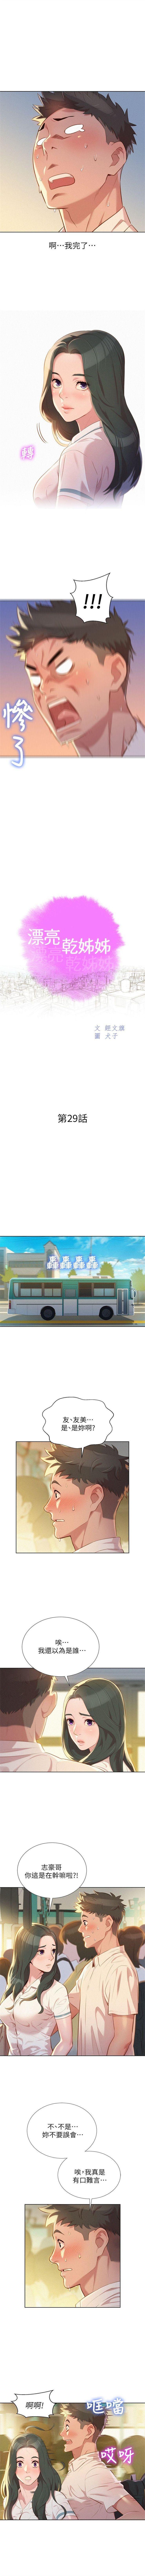 (周7)漂亮干姐姐  1-81 中文翻译 (更新中) 146